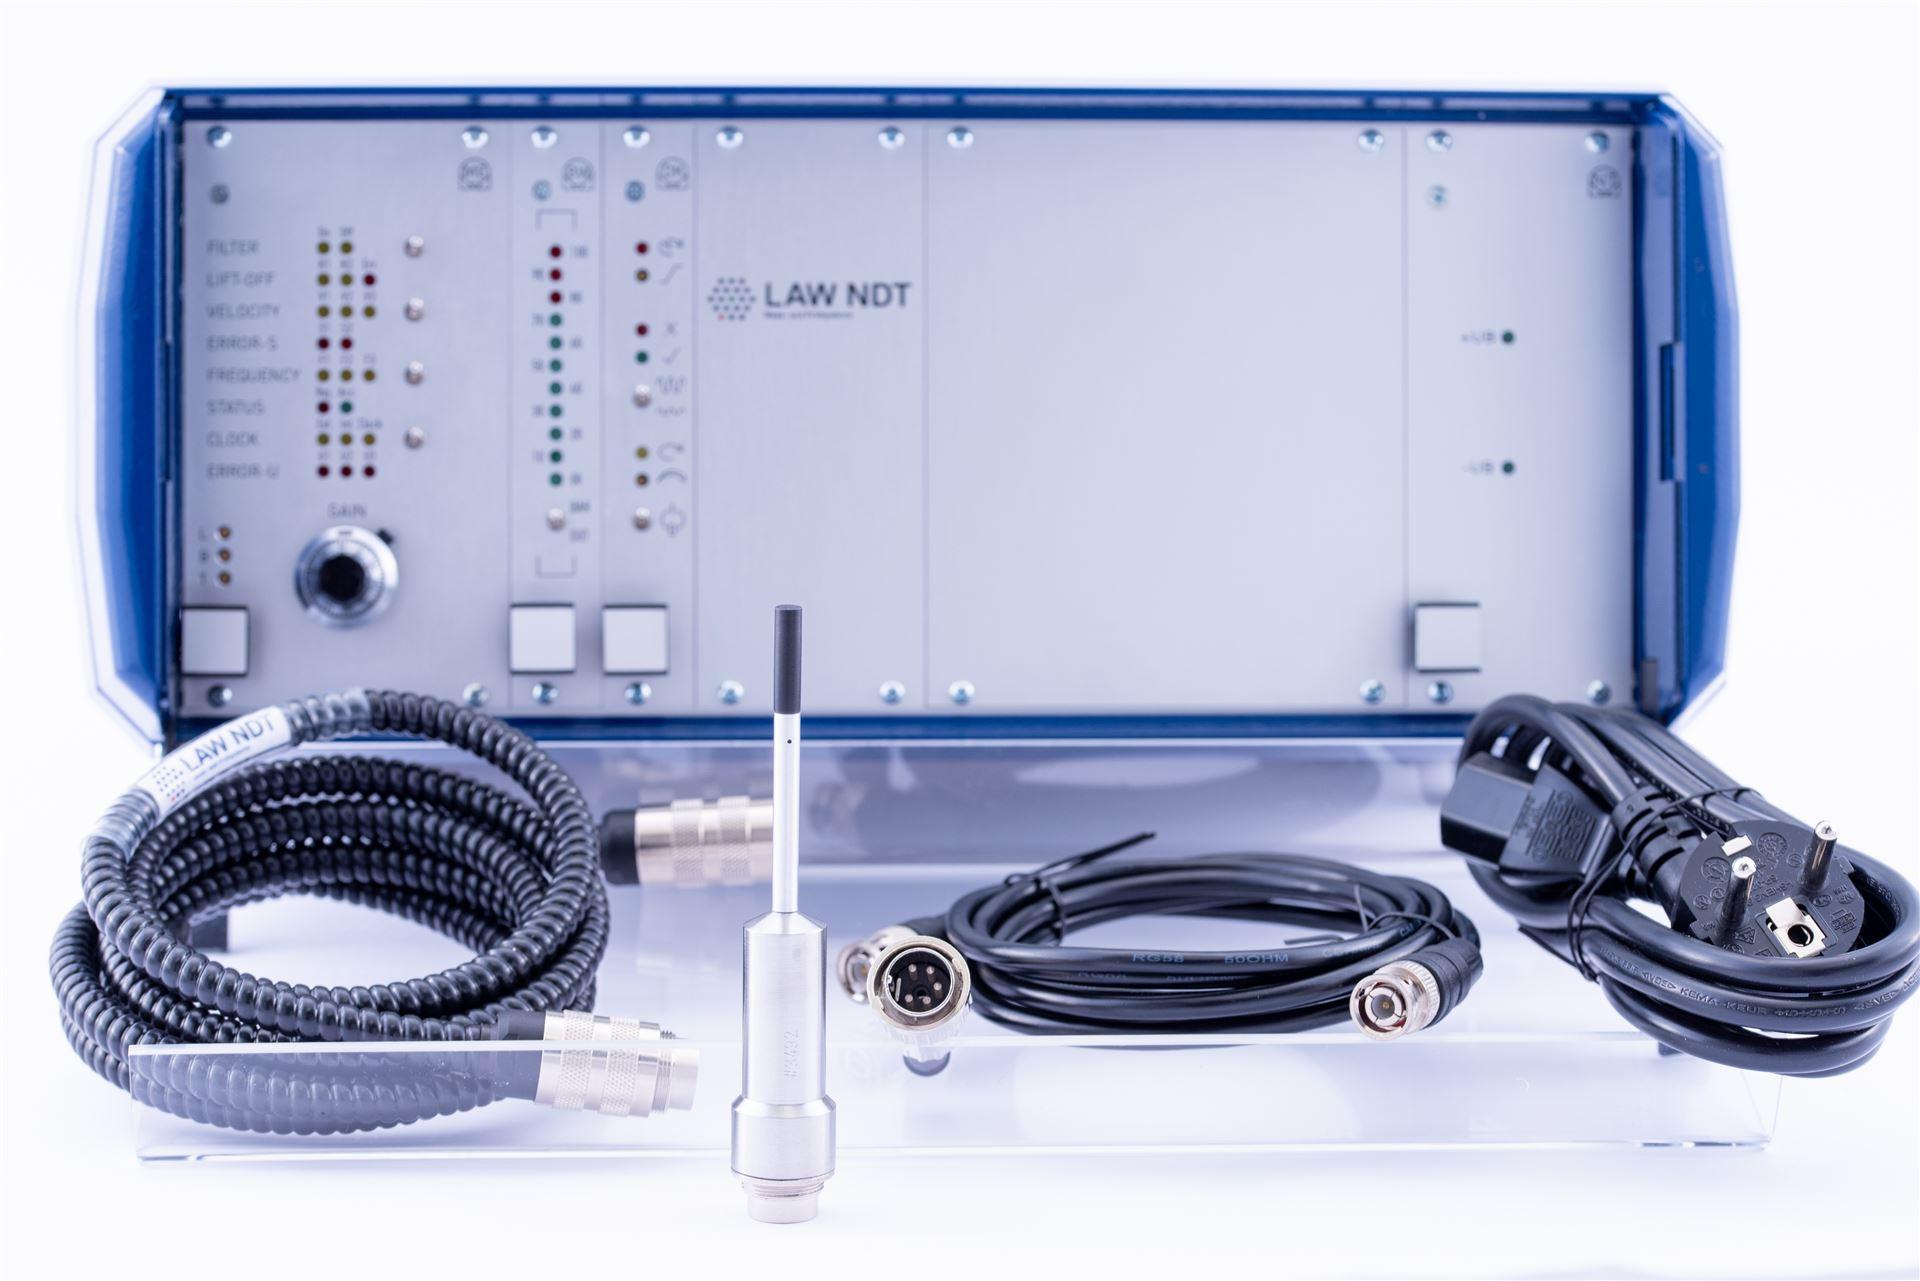 WRP Tischgerät analog mit Zubehör